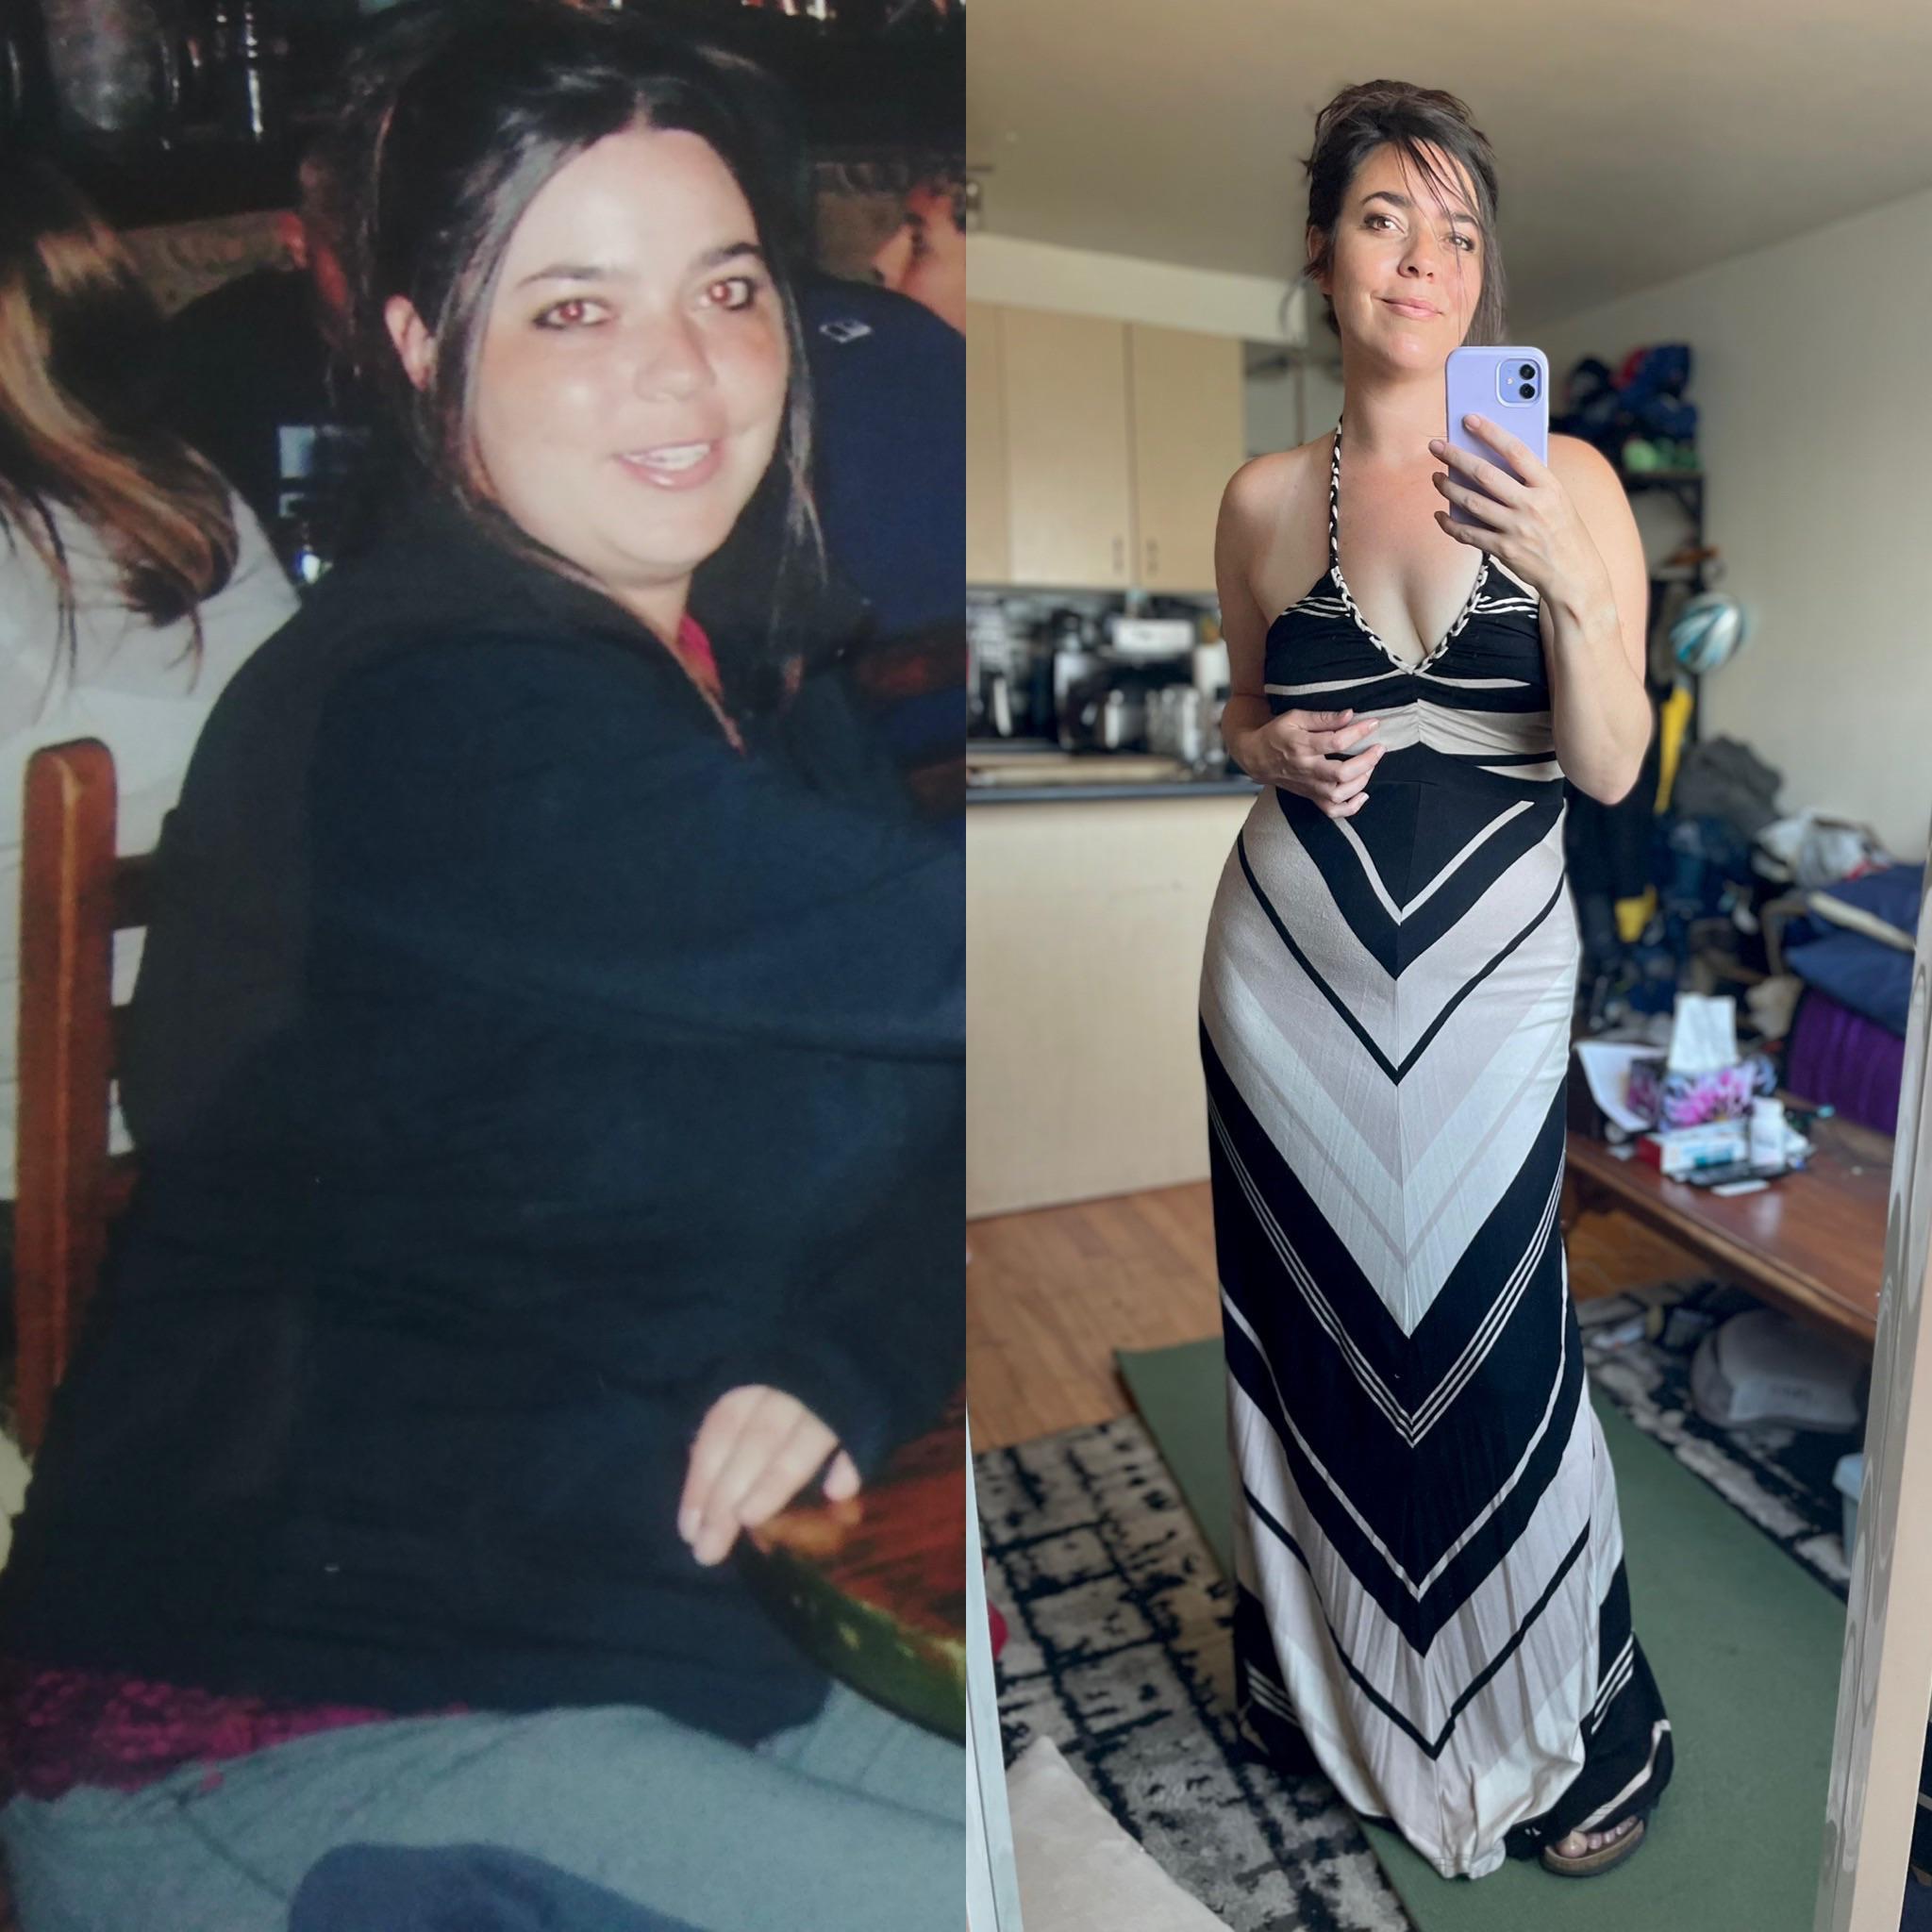 5'6 Female Progress Pics of 27 lbs Fat Loss 172 lbs to 145 lbs